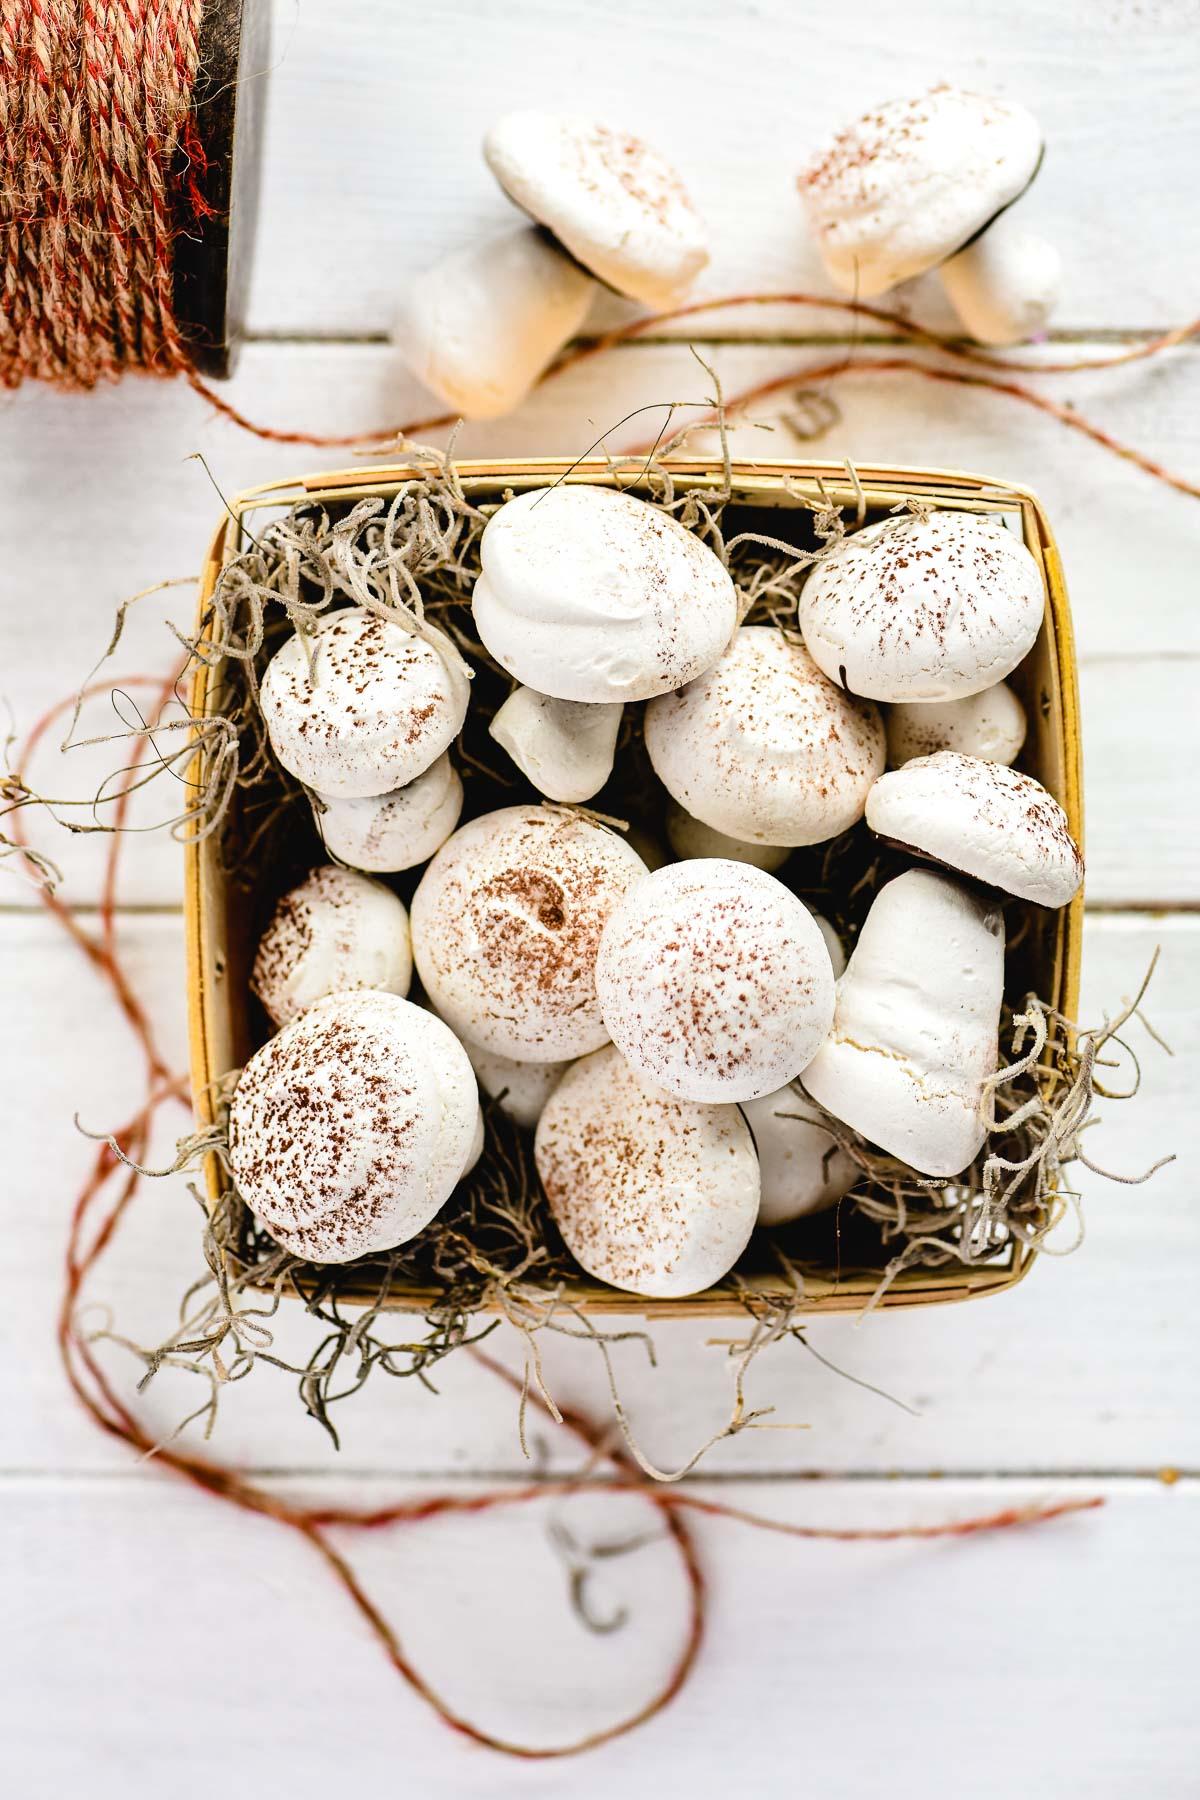 meringue mushroom cookies in a basket with twine